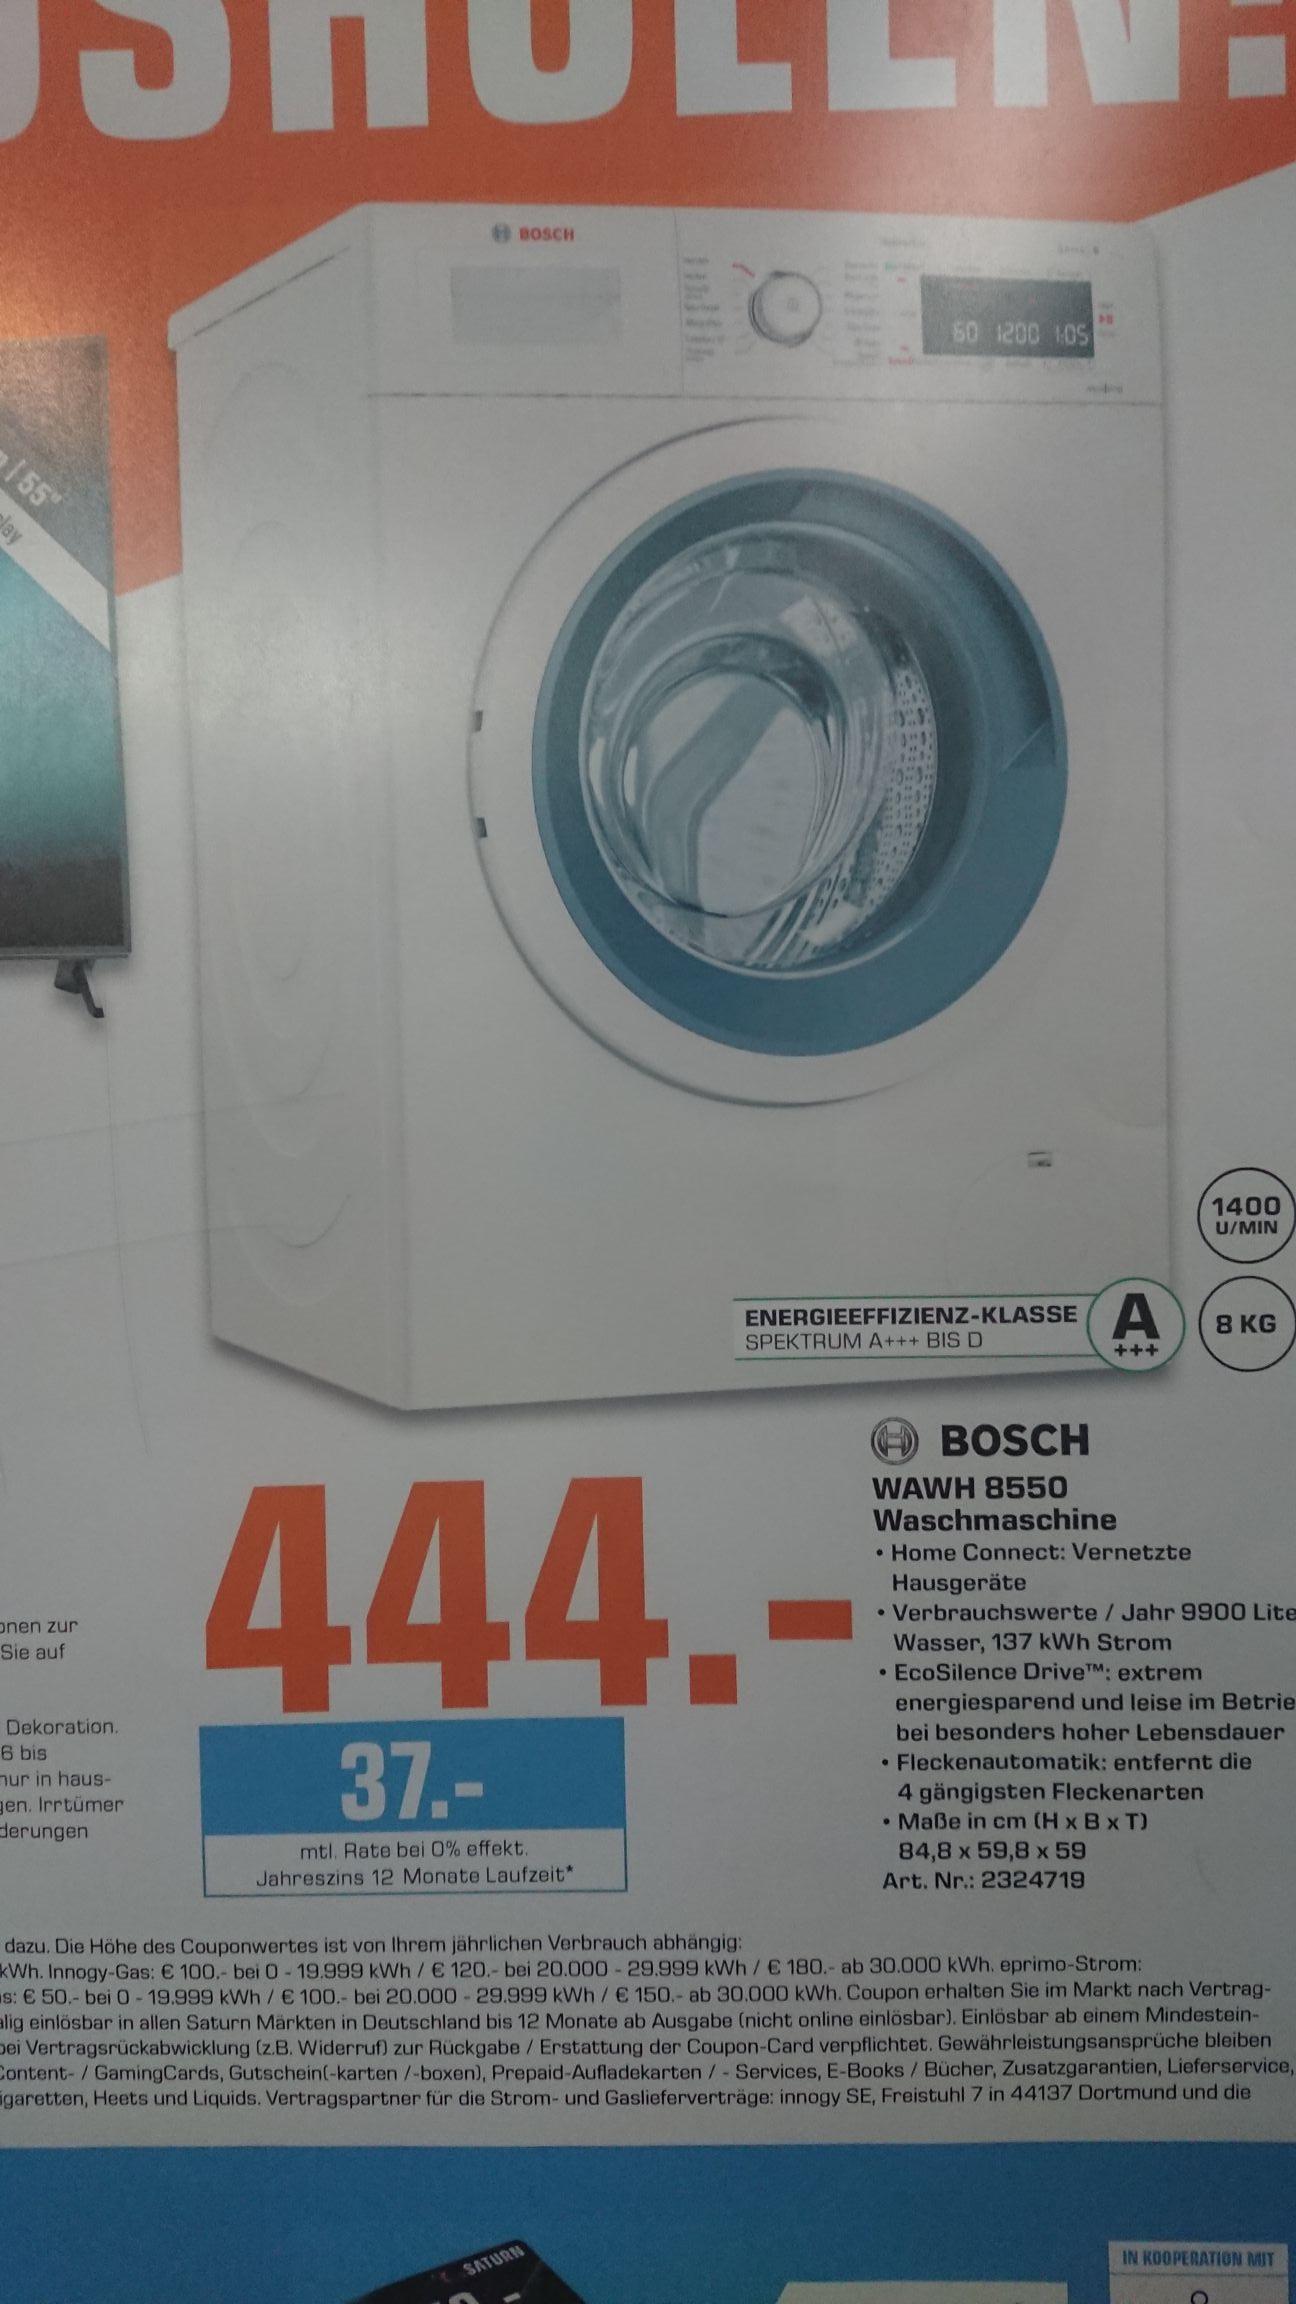 Lokal Nürnberg Bosch WAWH8550 Waschmaschine Serie 8